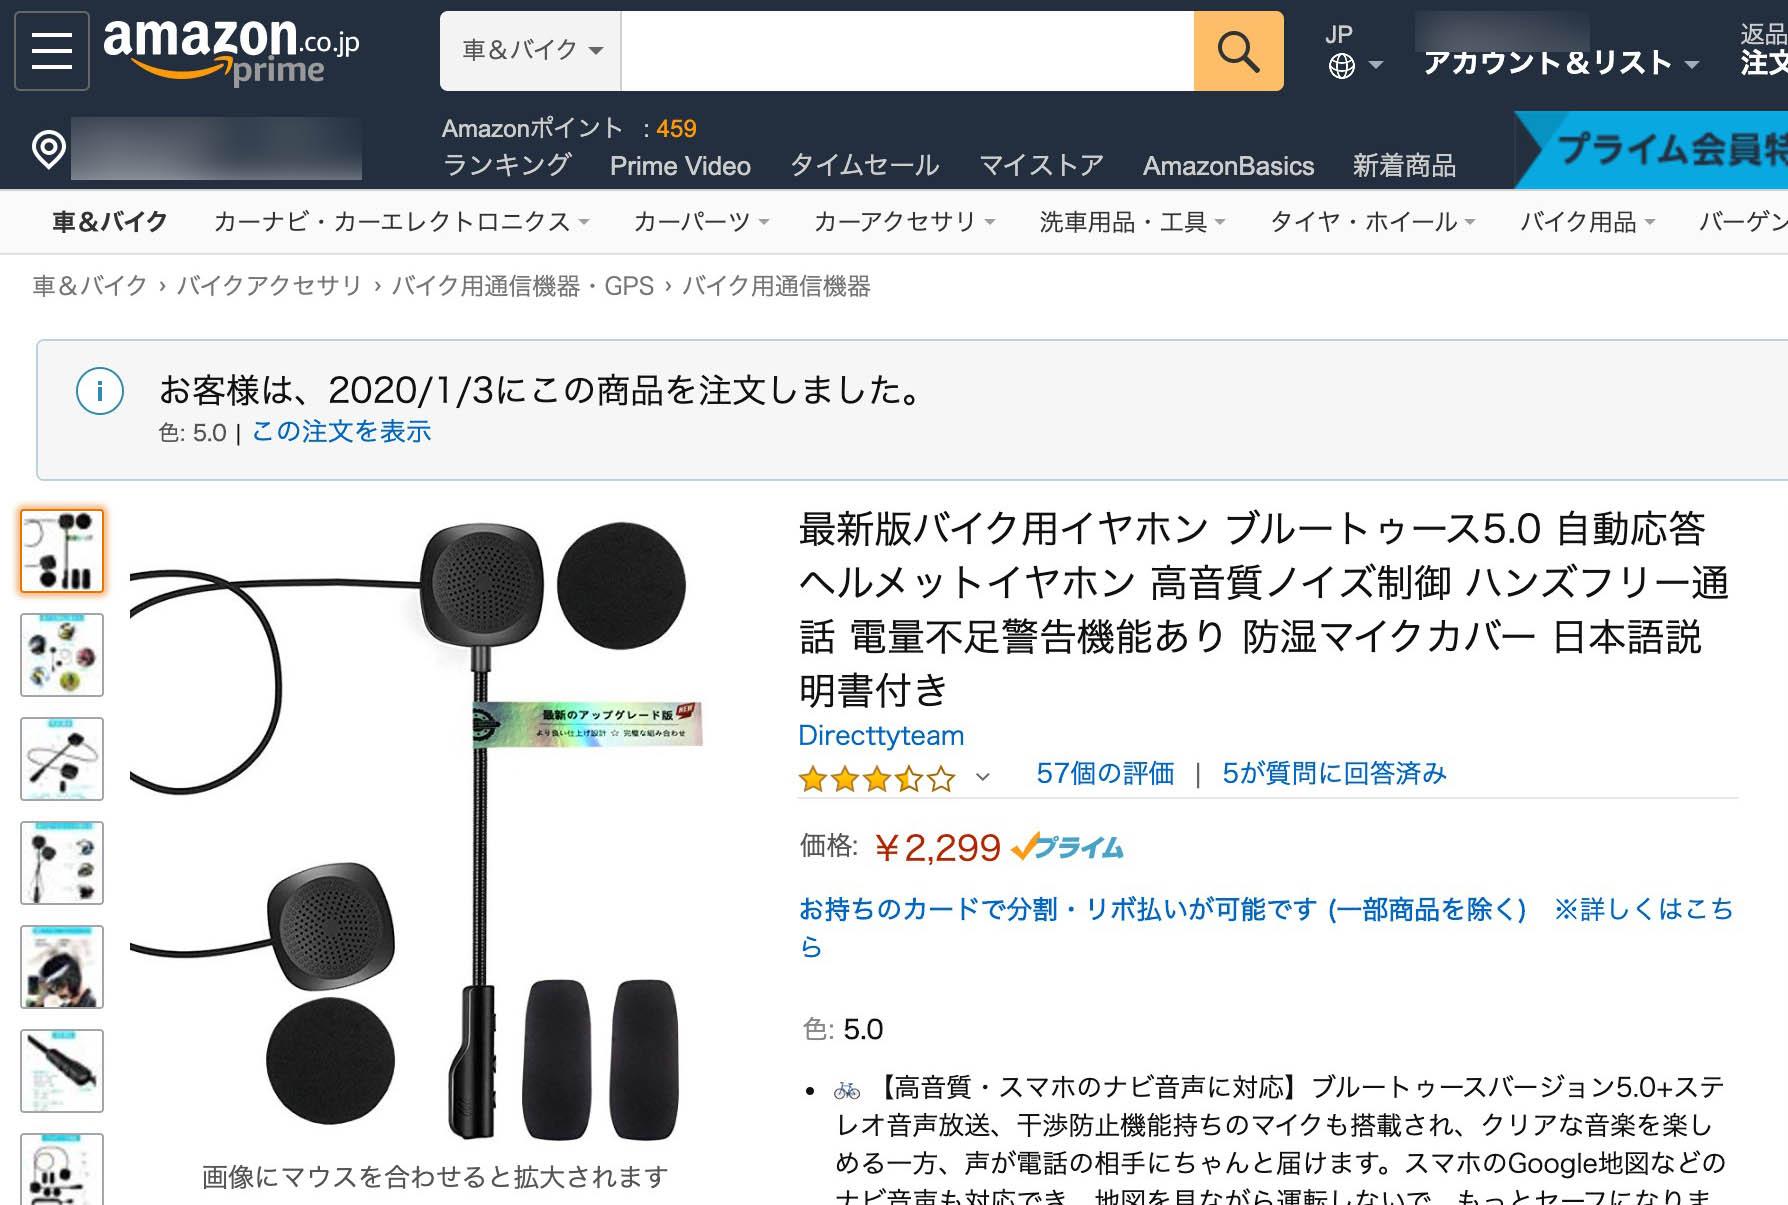 バイク用Bluetoothヘッドセット